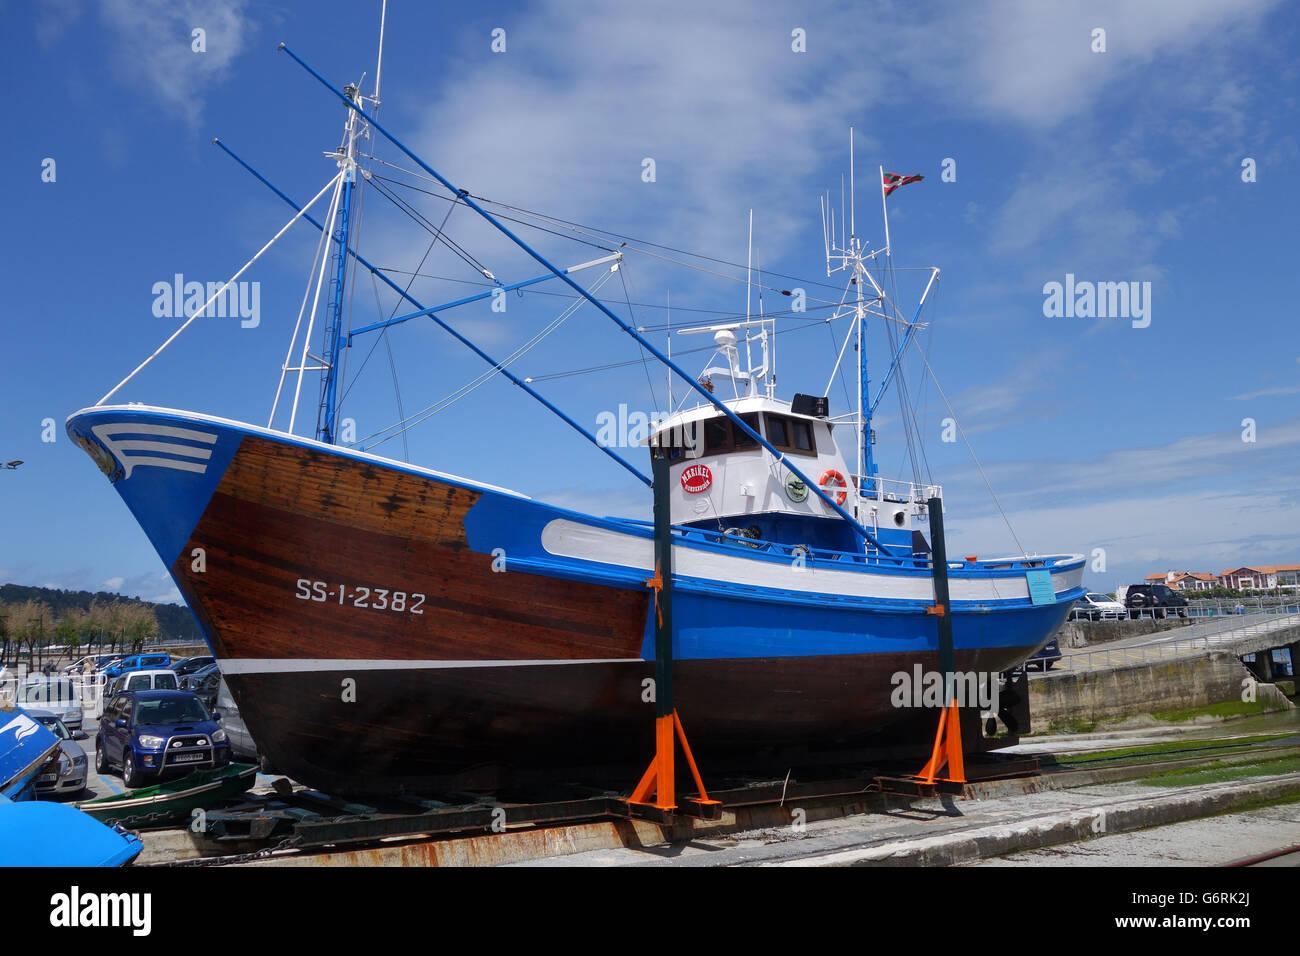 Bateau de pêche au thon navire navire en cale sèche à Hondarribia en Guipúzcoa, Pays Basque, Photo Stock